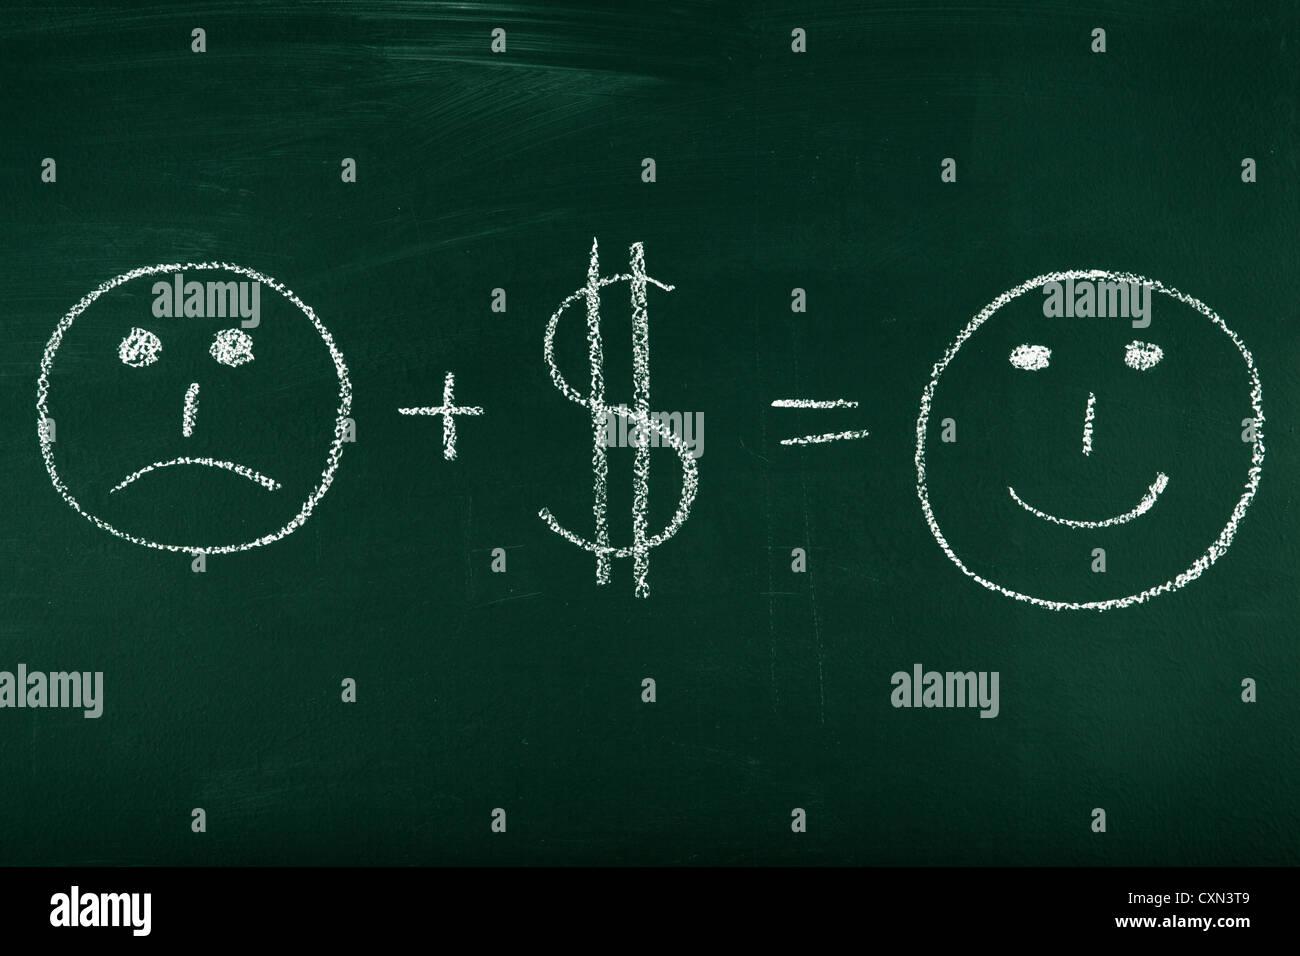 Geld kann Ihr Leben - Konzept auf Tafel illustriert verändern. Stockbild